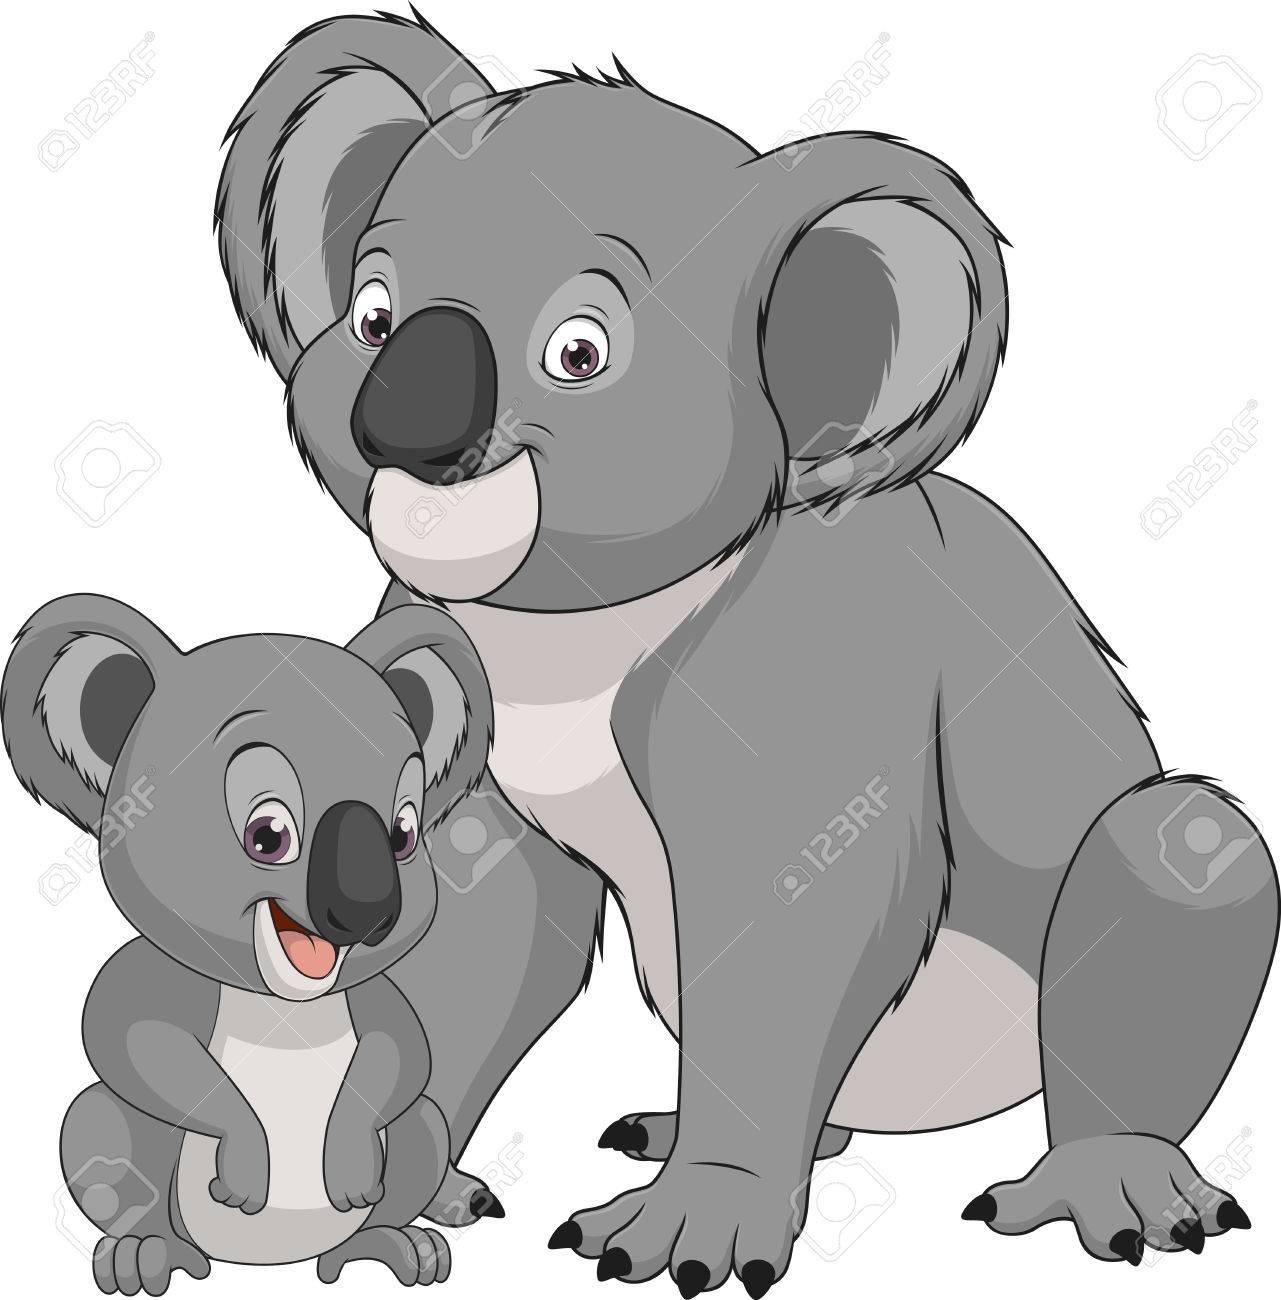 イラスト面白いエキゾチックな動物クマ コアラ家族 ロイヤリティフリー